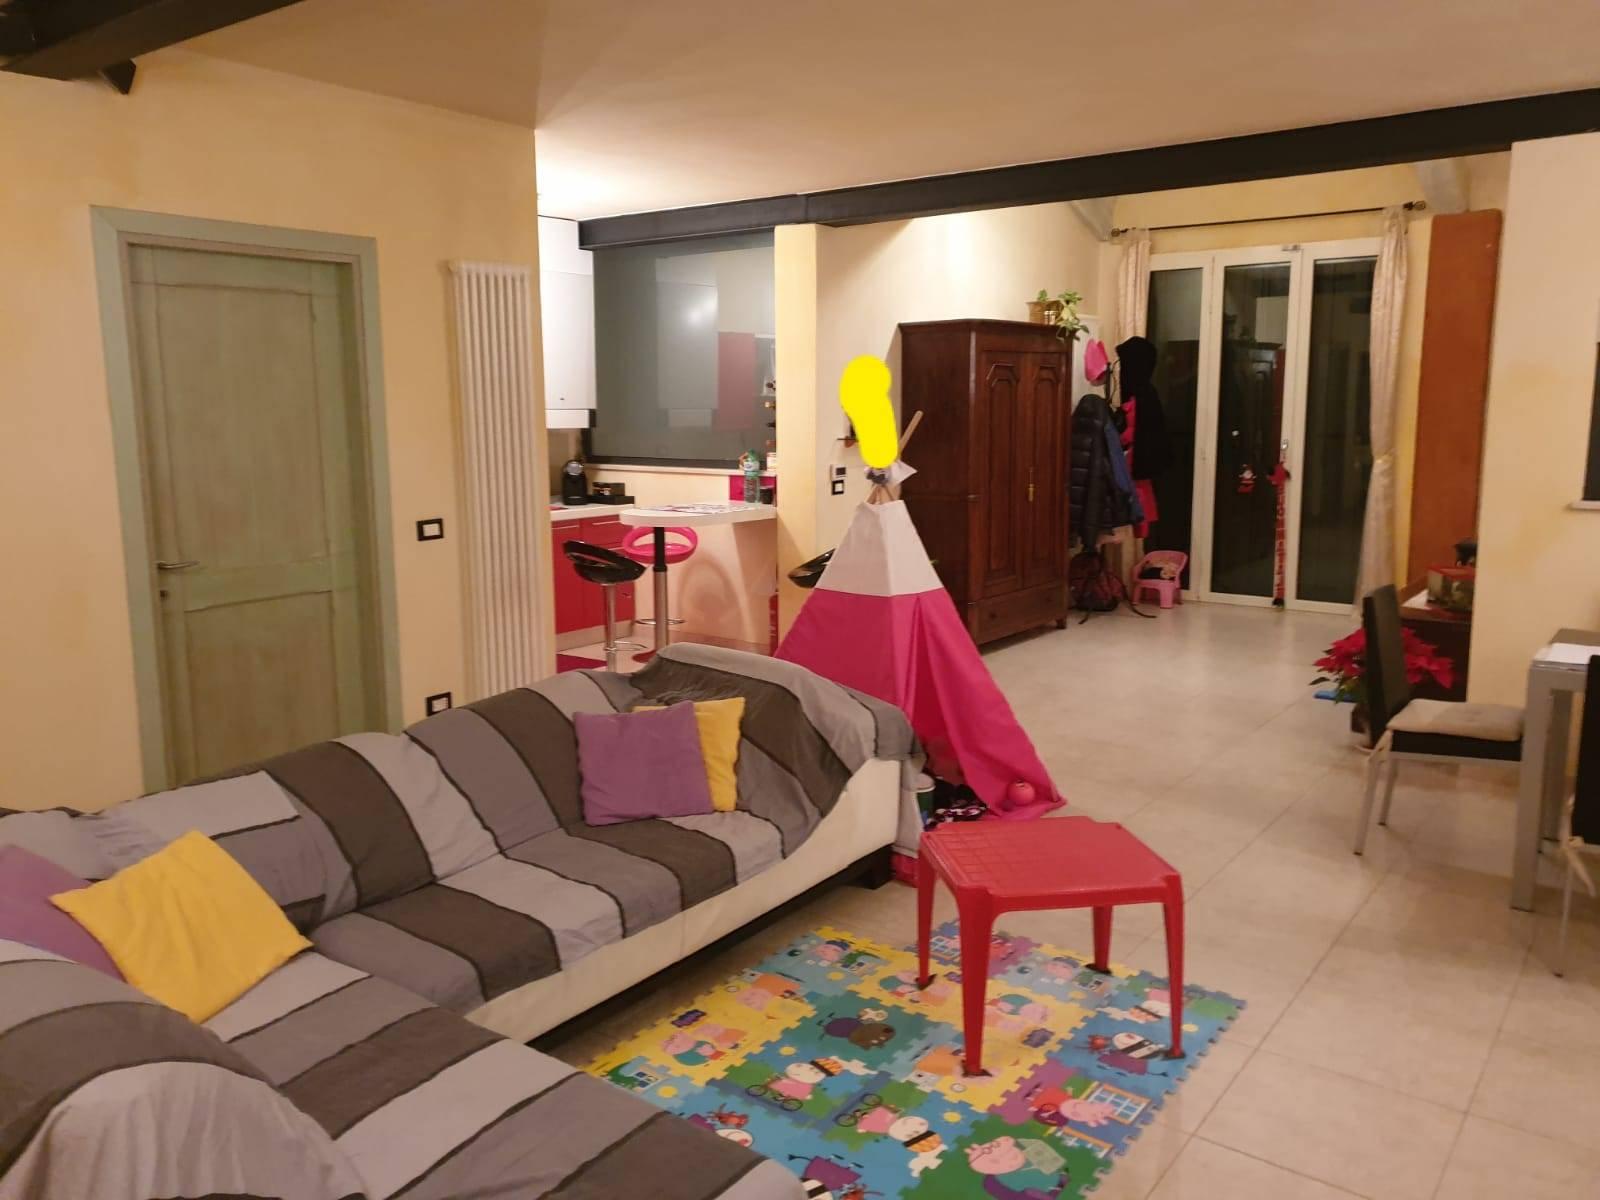 Appartamento in vendita a Vigarano Mainarda, 3 locali, zona Località: VigaranoPieve, prezzo € 145.000 | PortaleAgenzieImmobiliari.it